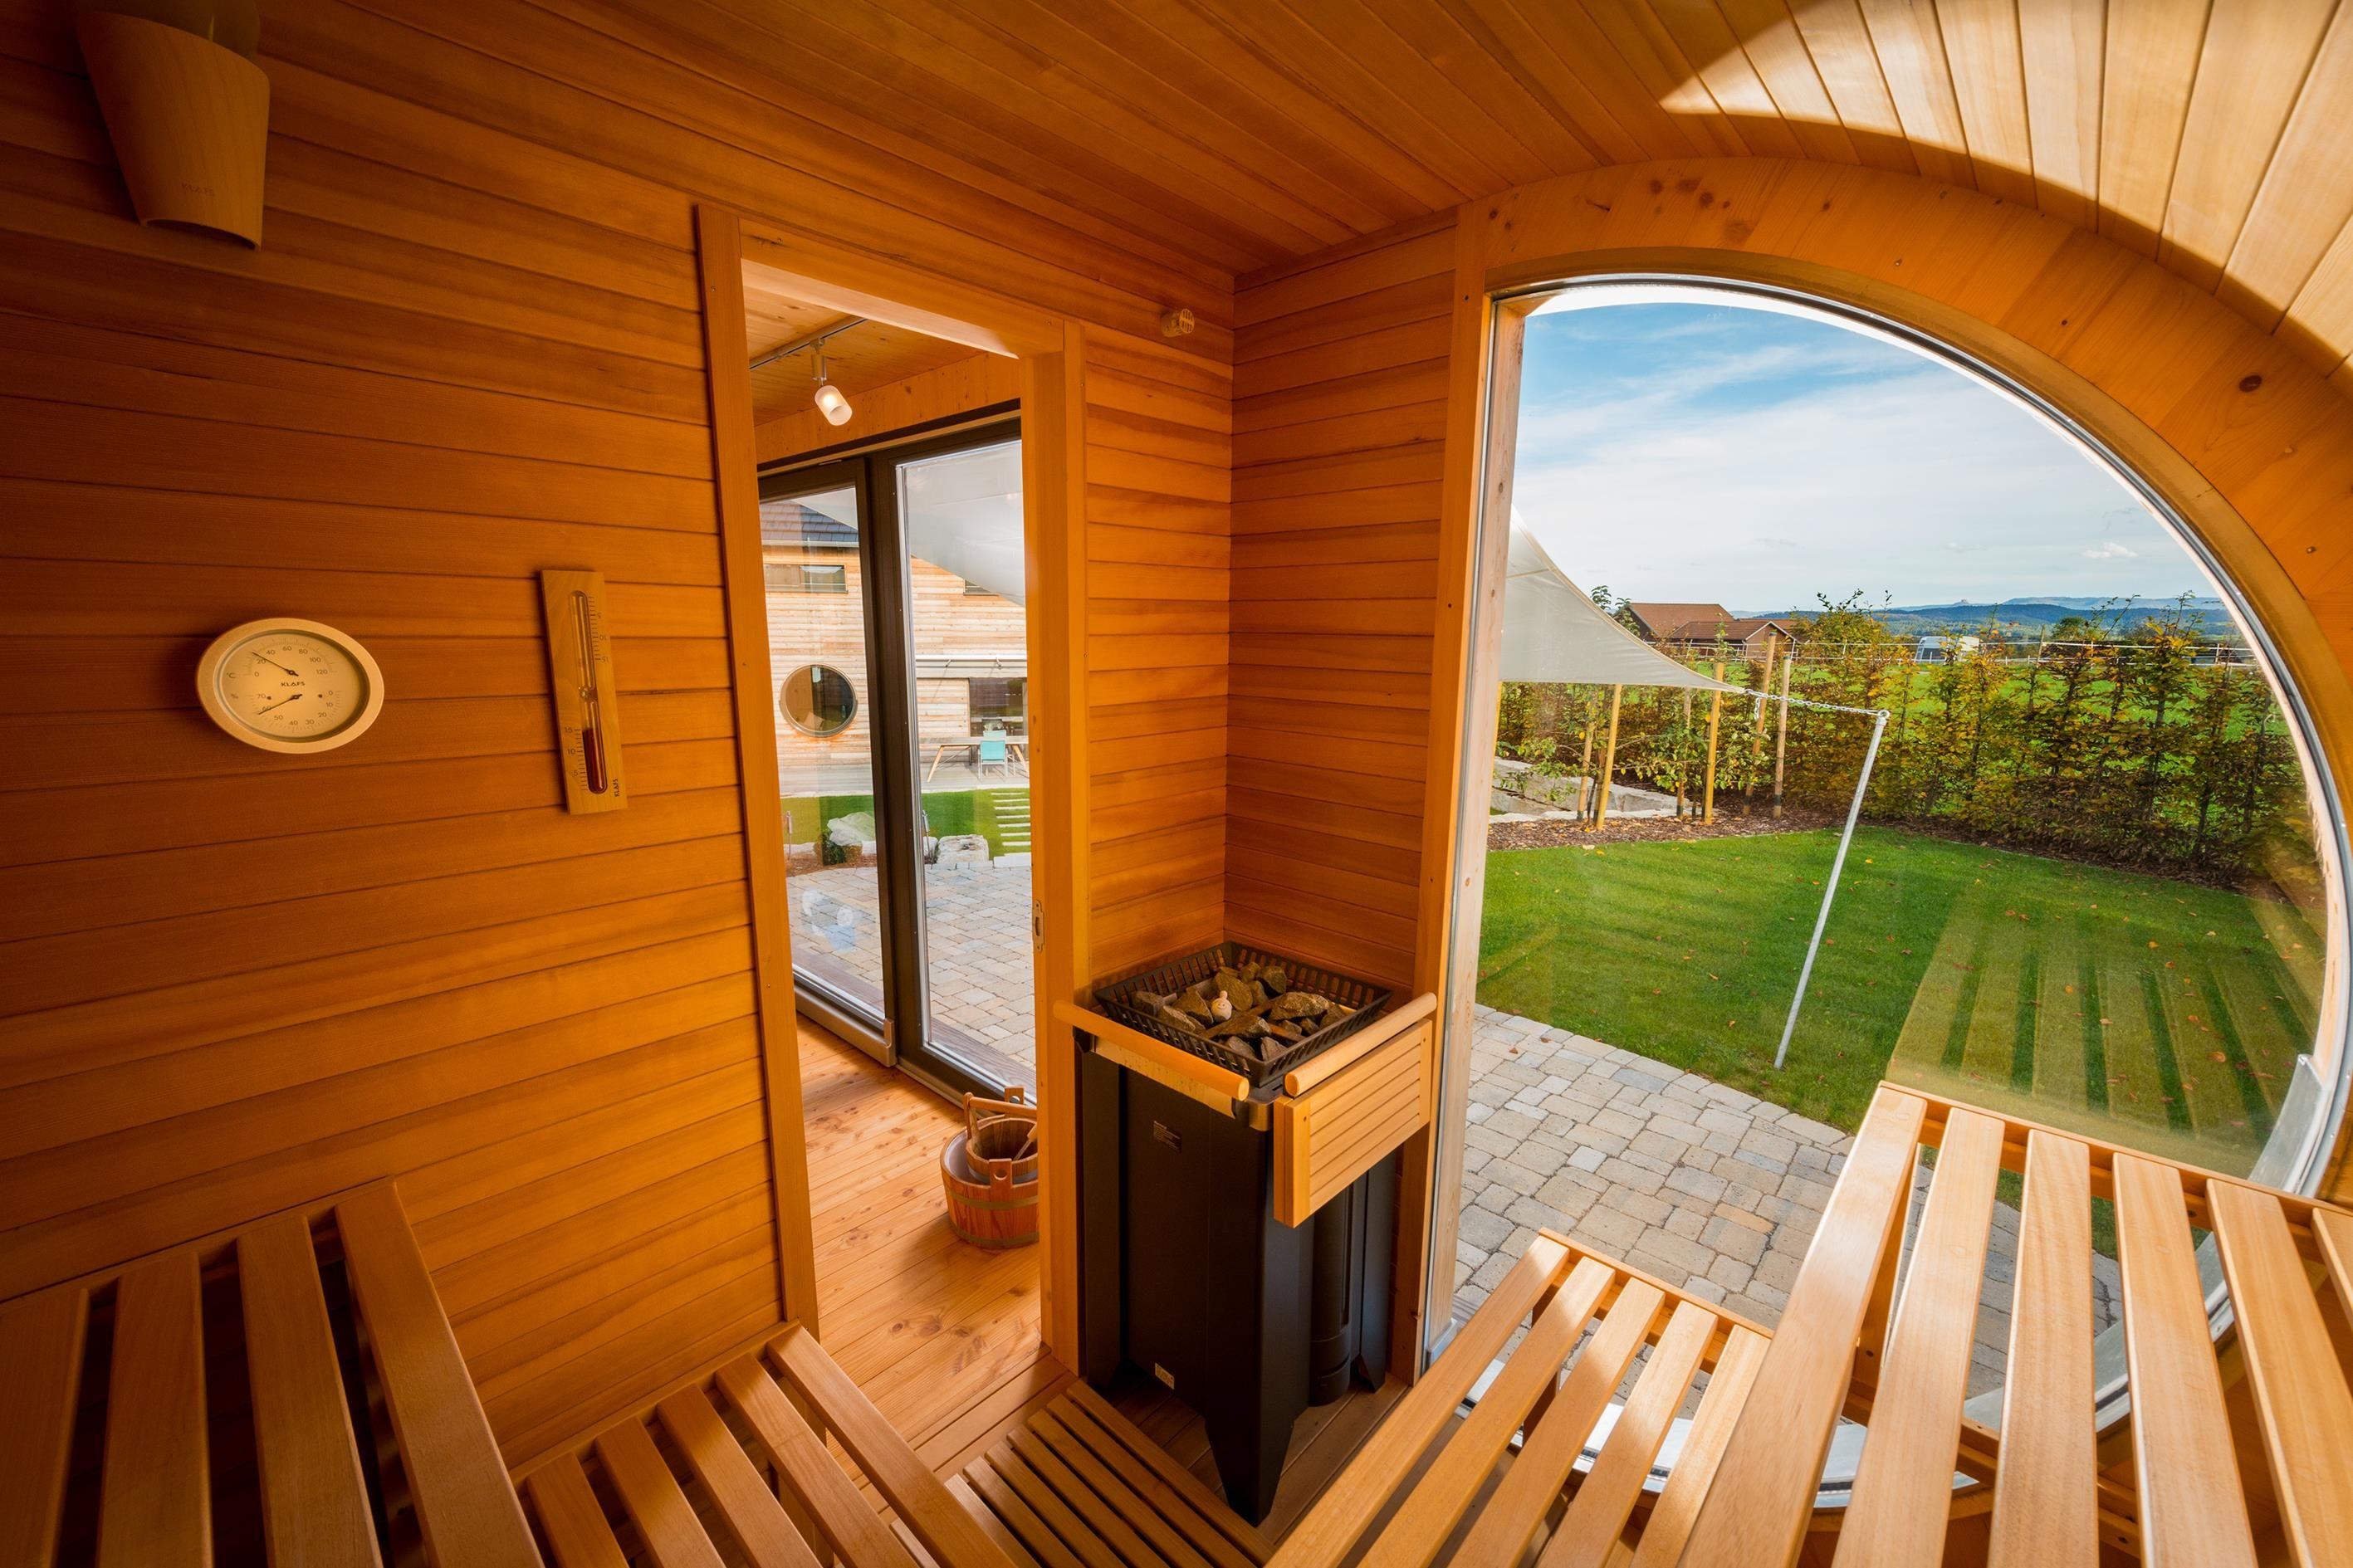 Gartenlounge Werner Ettwein GmbH Garten lounge, Haus